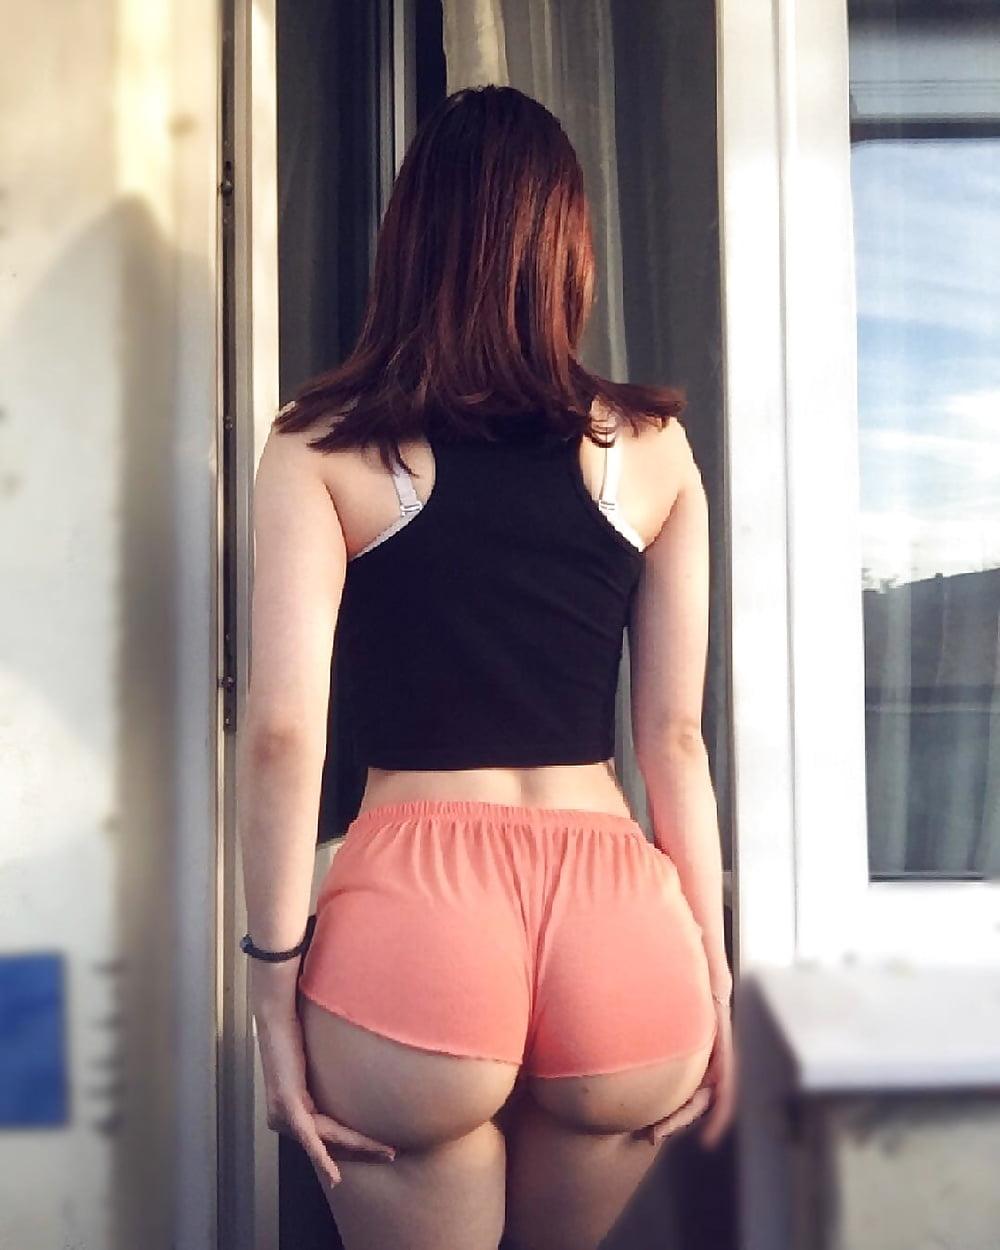 Tn Bubble Butt